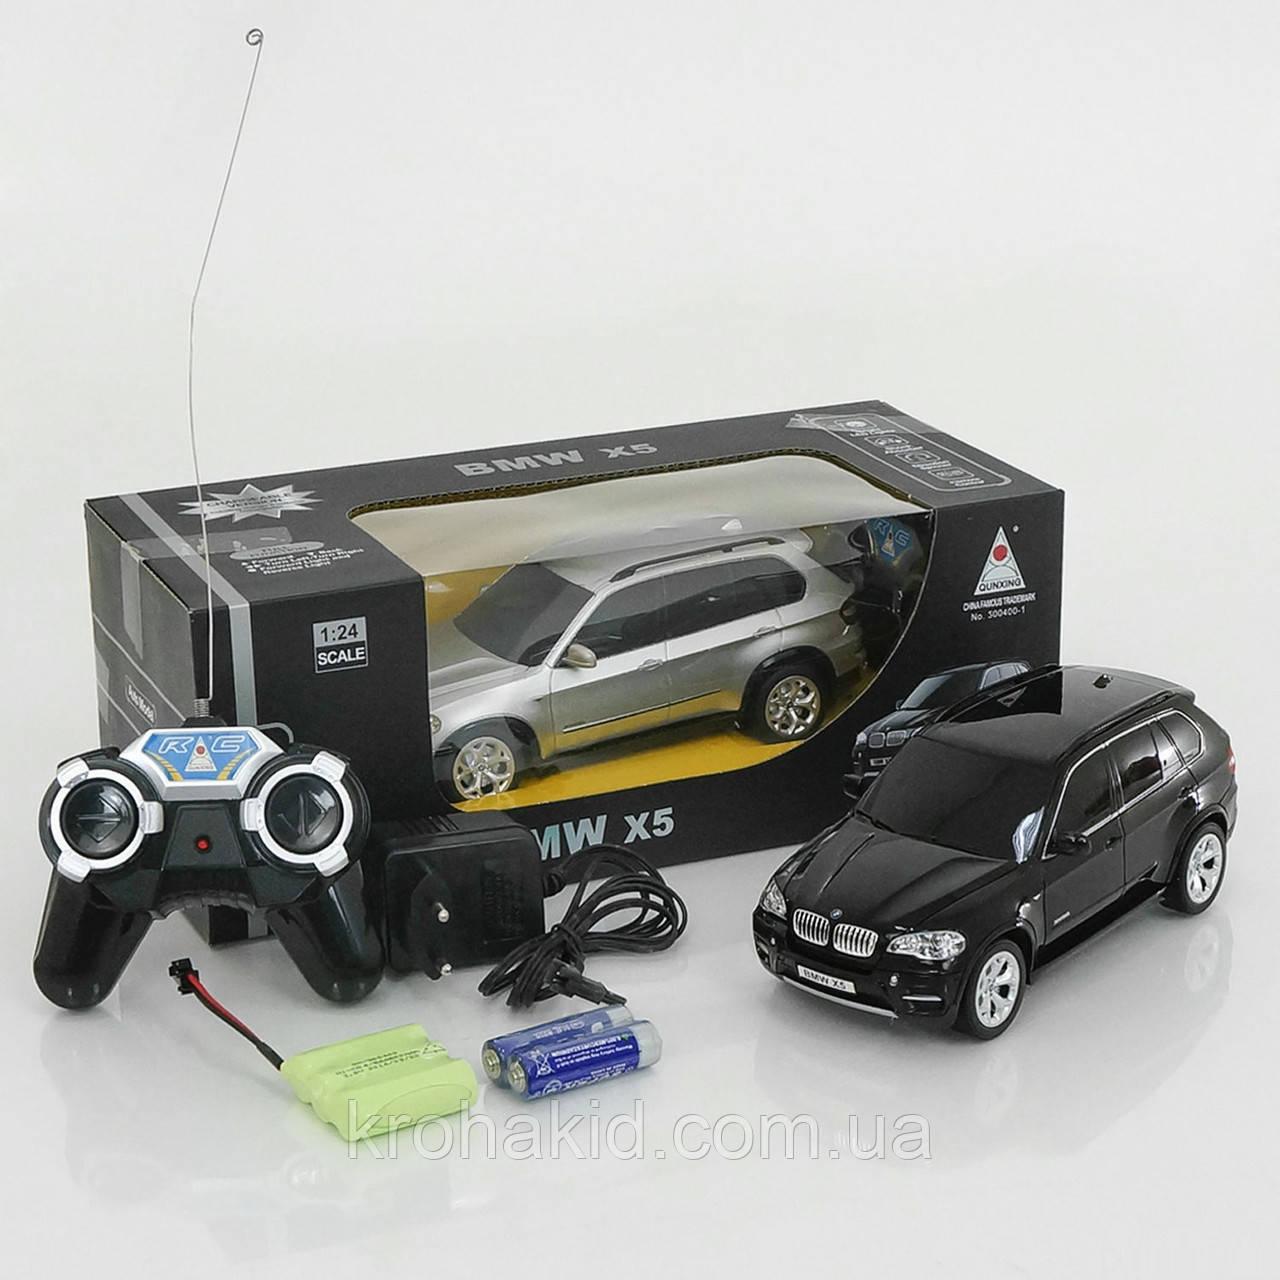 Машина BMW X5 на радиоуправлении 300400-1 аккумулятор 3.6V 500mAh